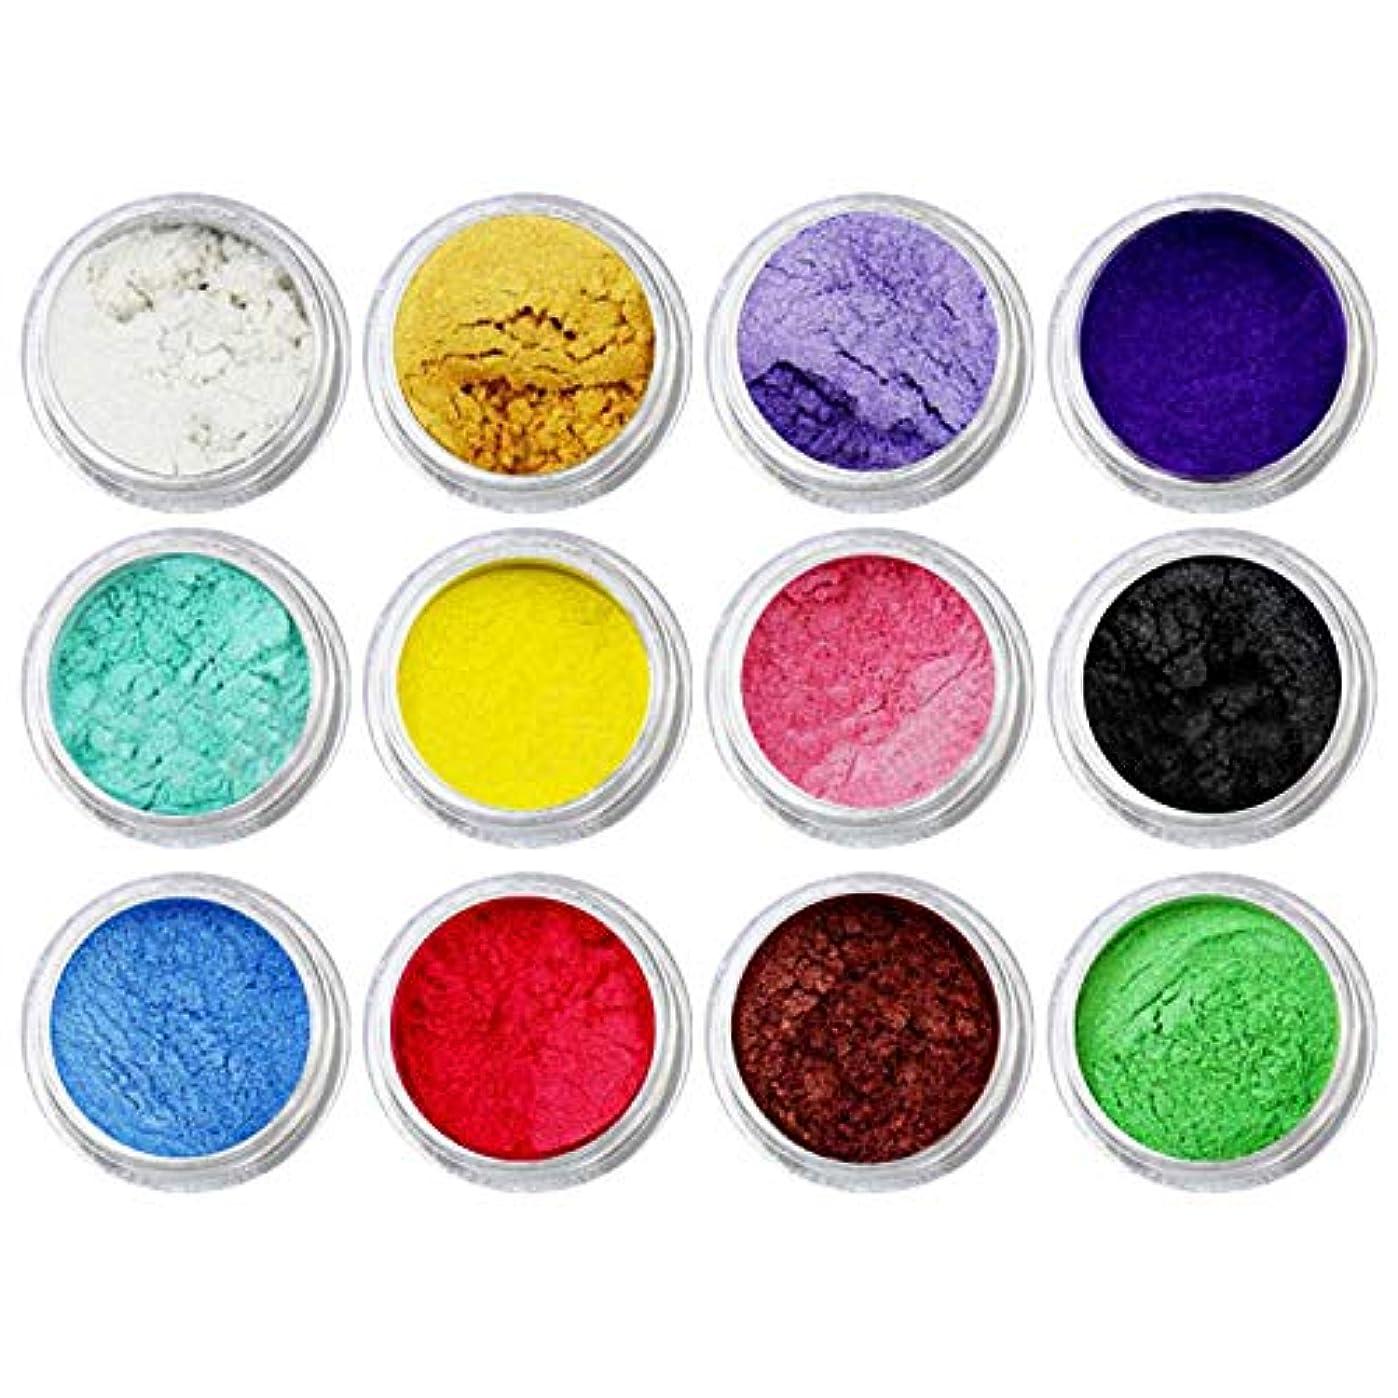 キモいボルトでDIYネイルアートクラフトプロジェクトスライム作り用品のための12個混合色着色顔料マイカパールパウダー